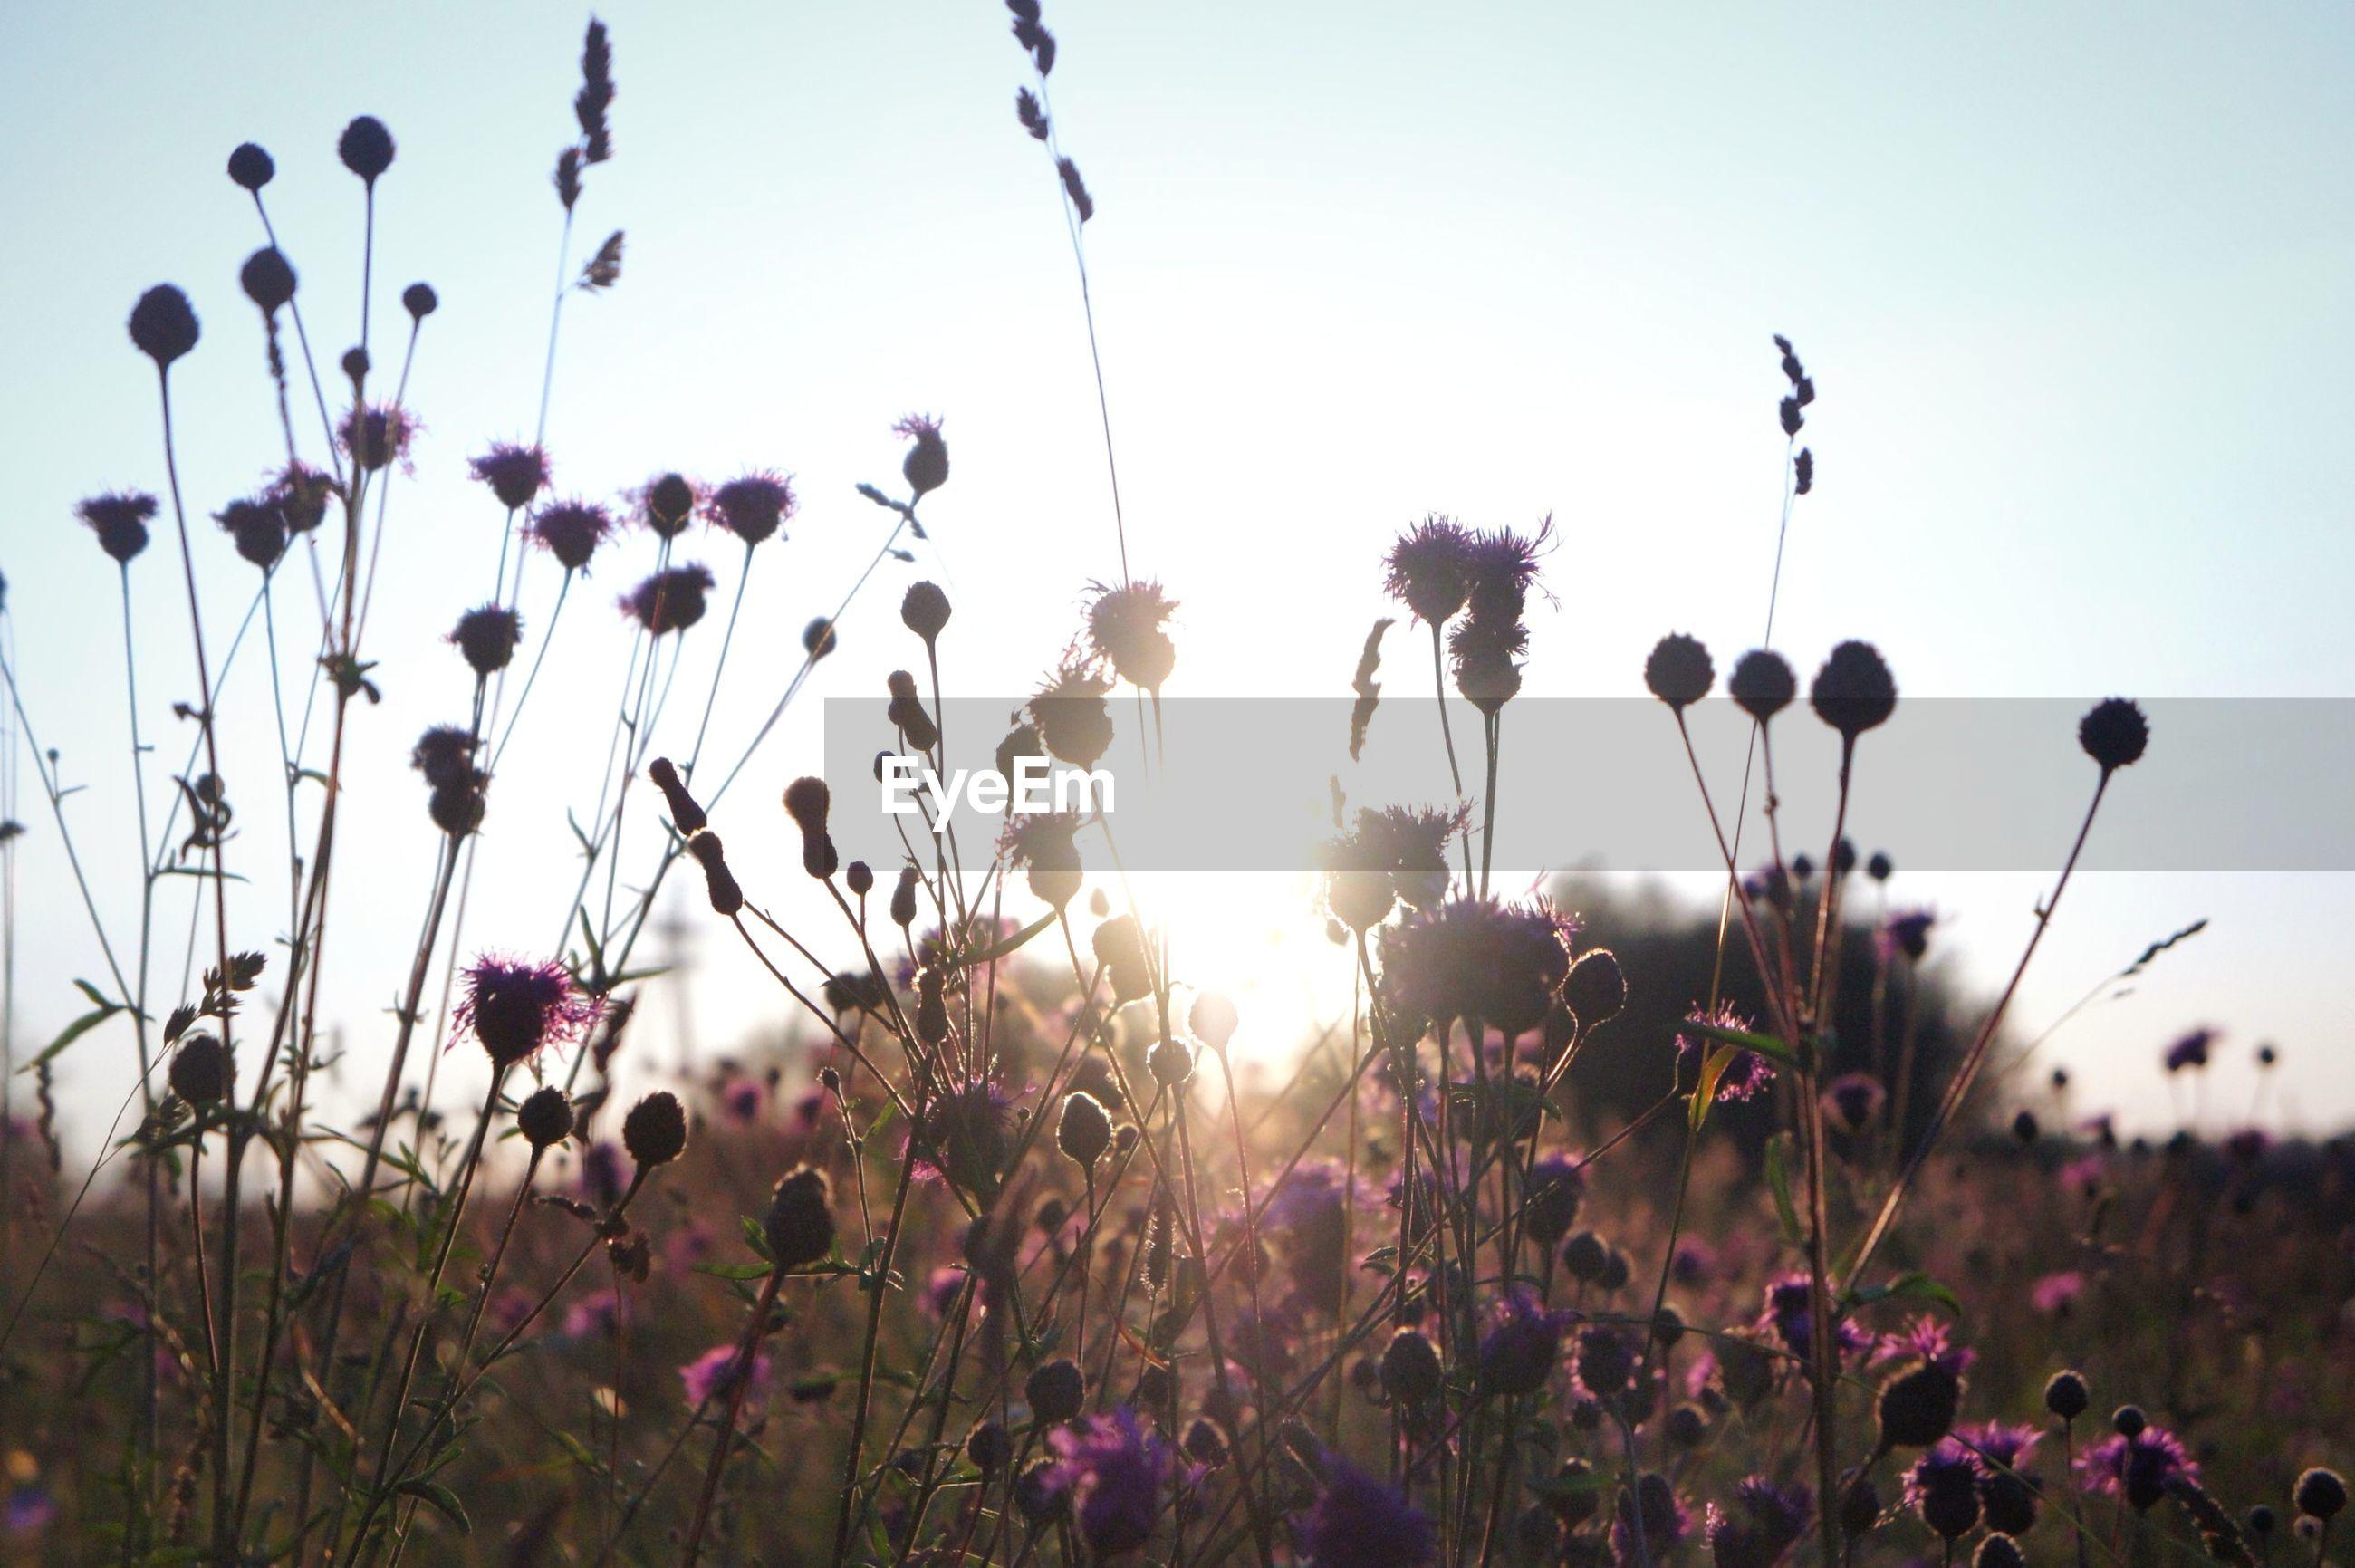 PINK FLOWERS BLOOMING ON FIELD